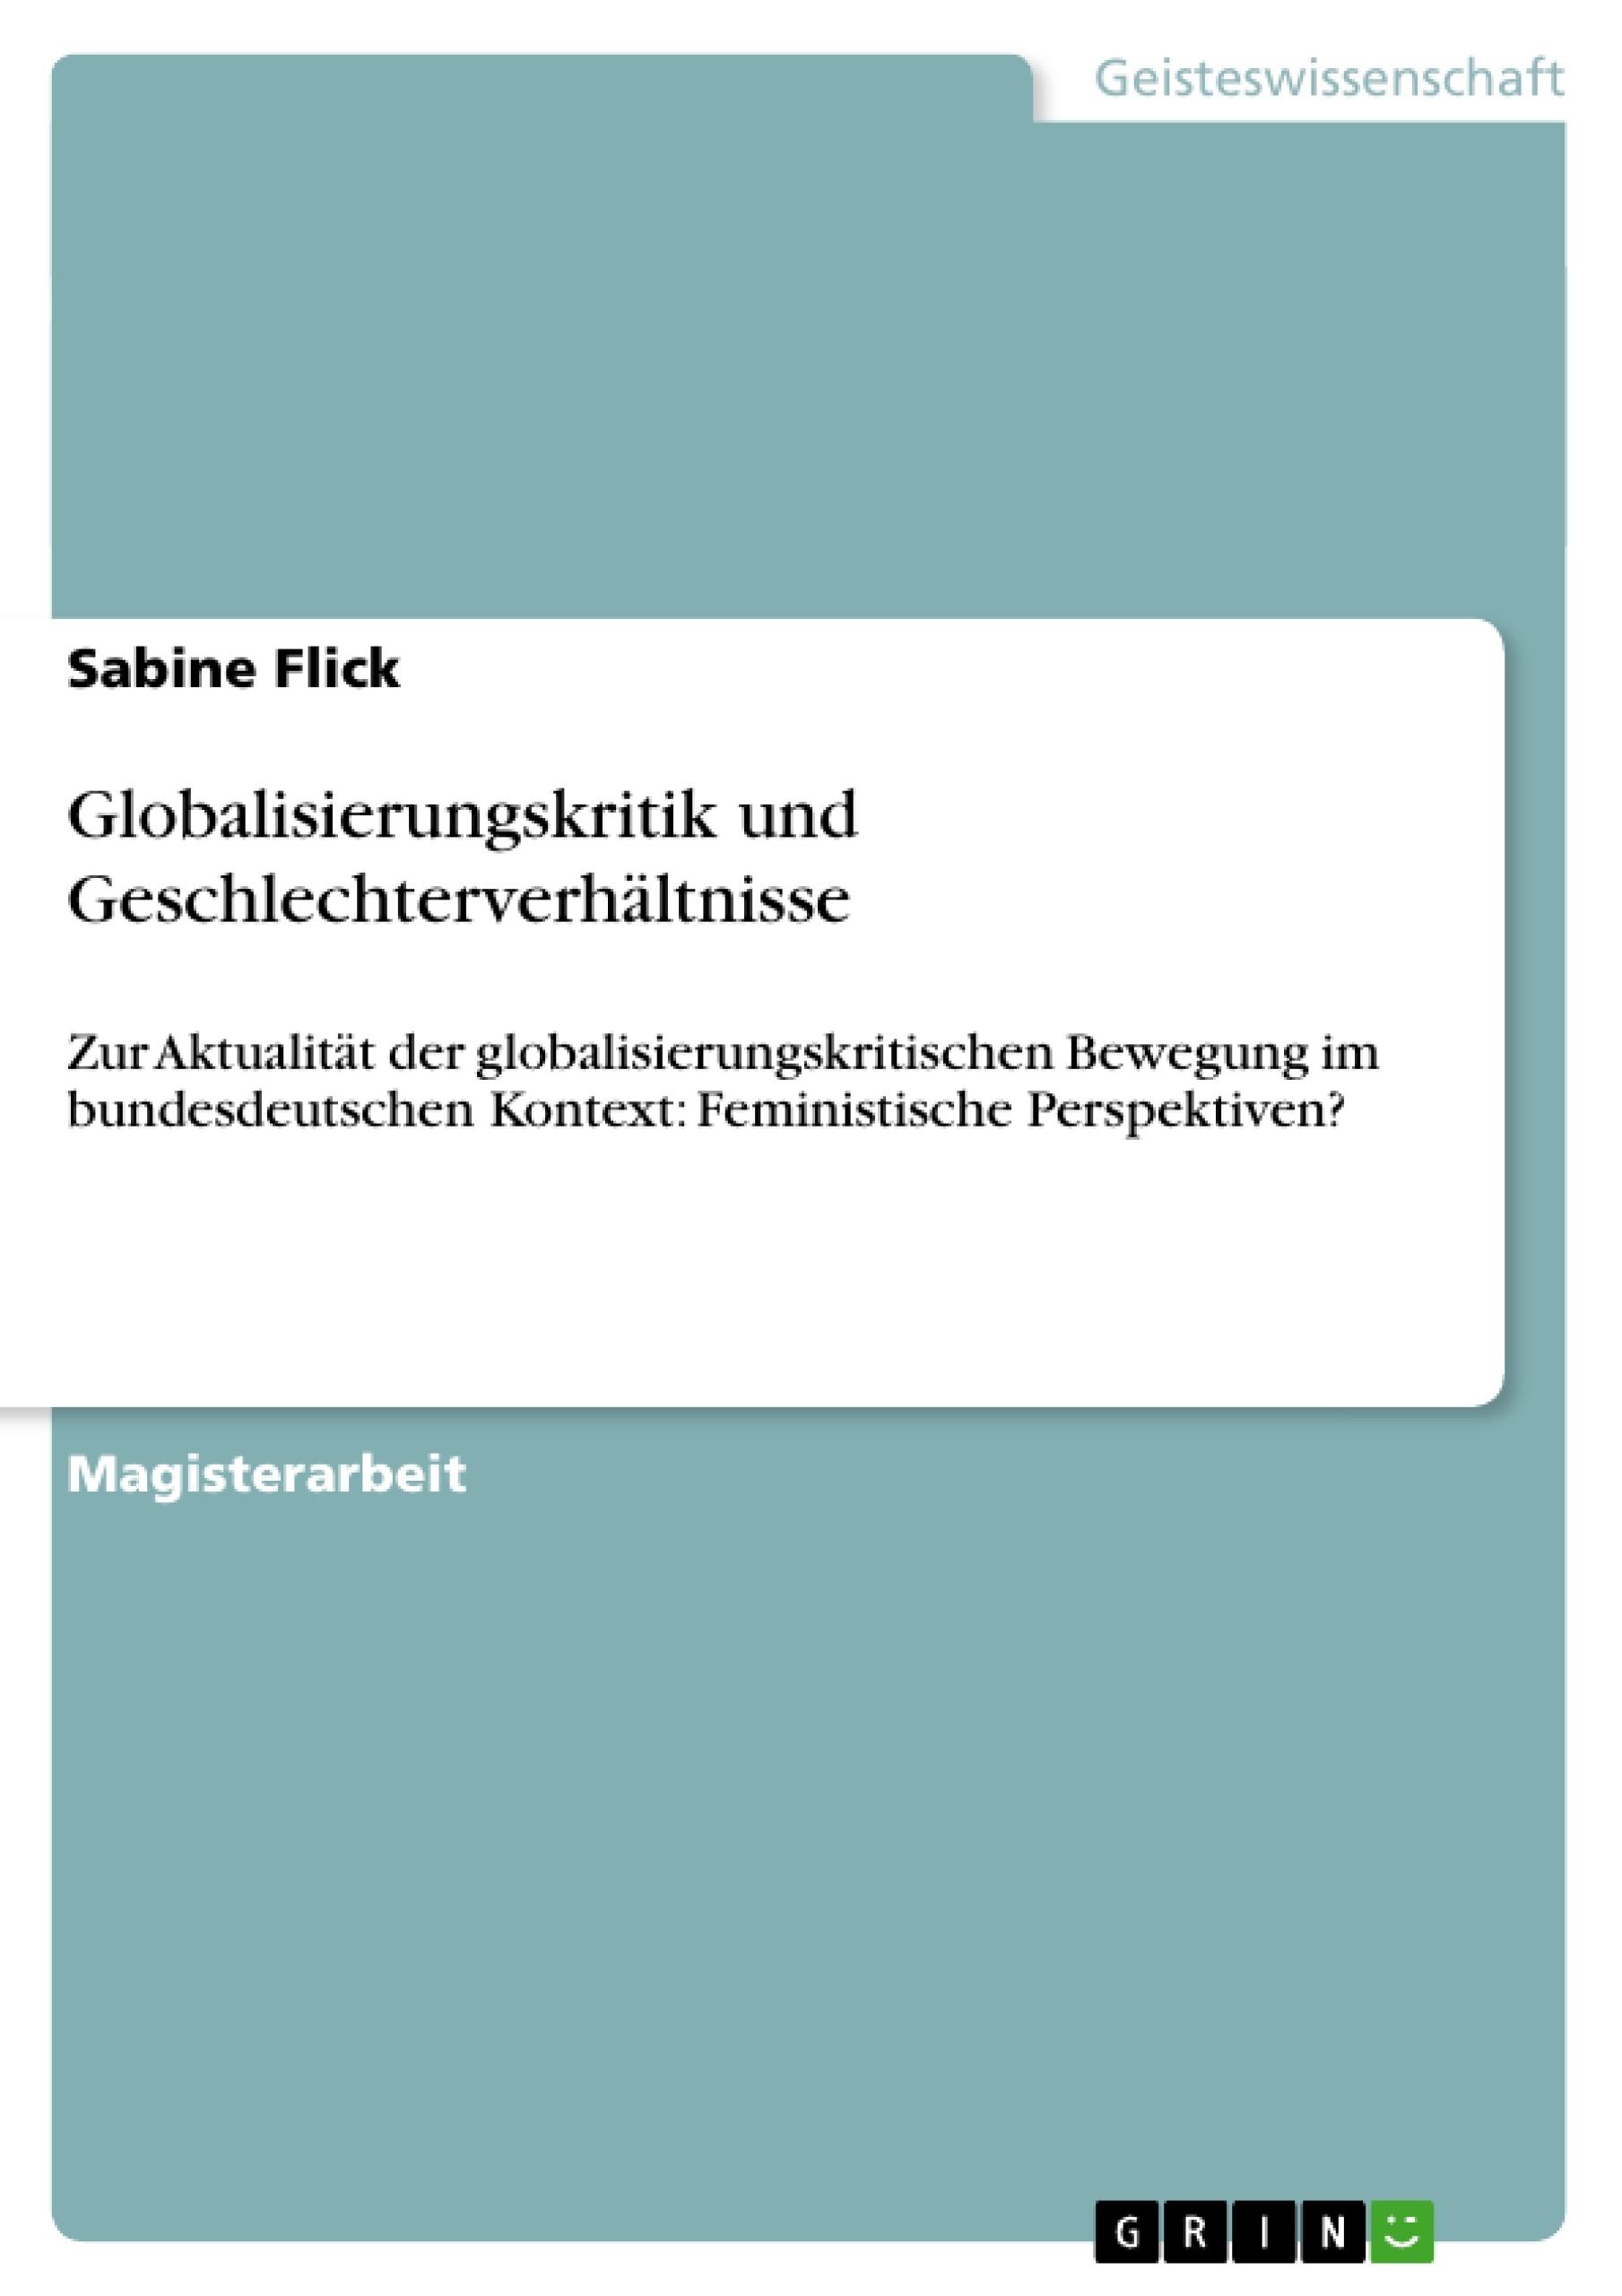 Titel: Globalisierungskritik und Geschlechterverhältnisse